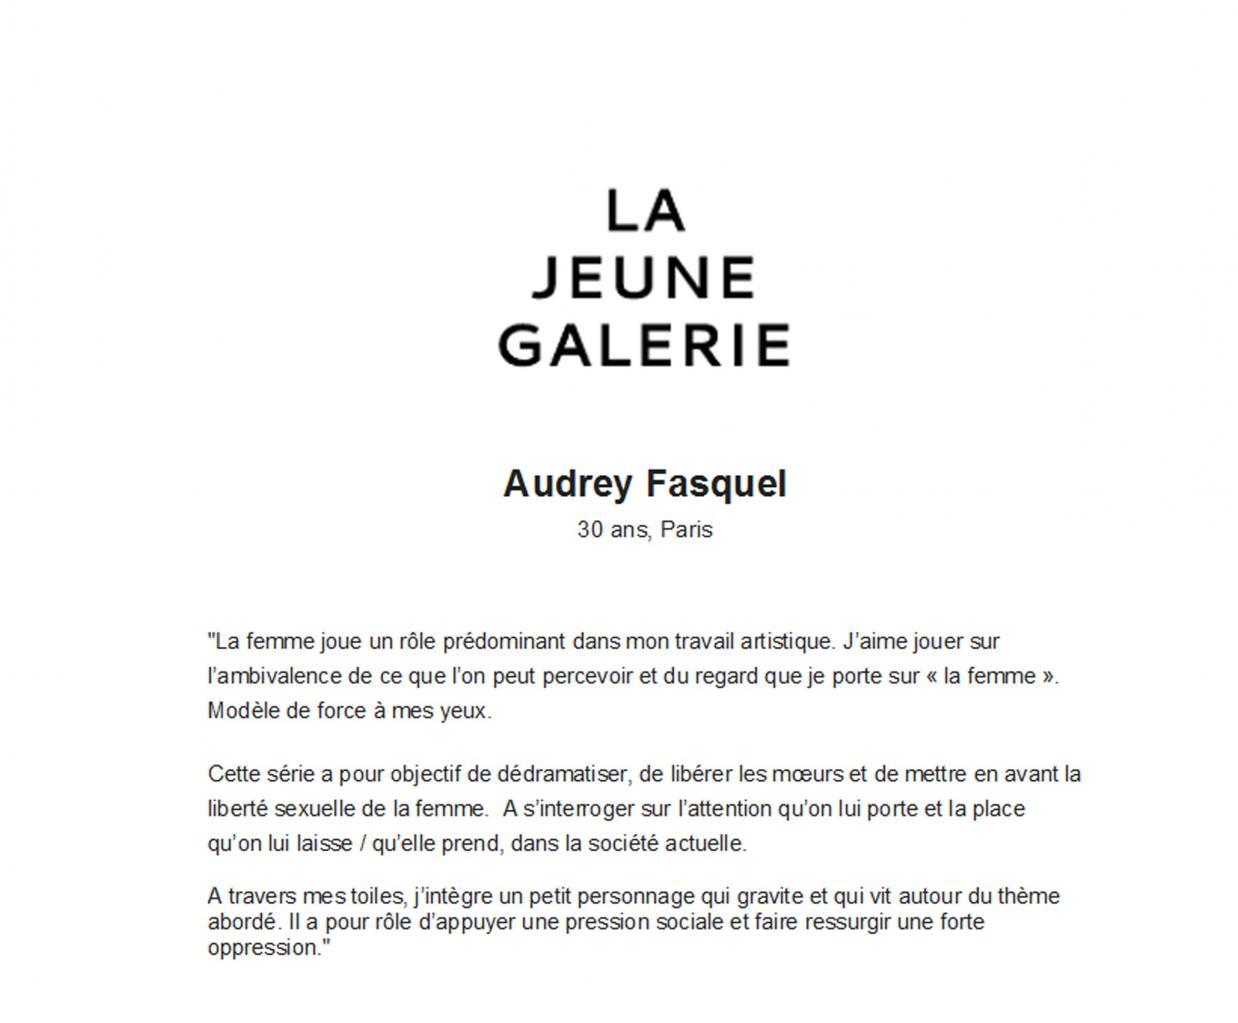 NEWSLETTER - LA JEUNE GALERIE